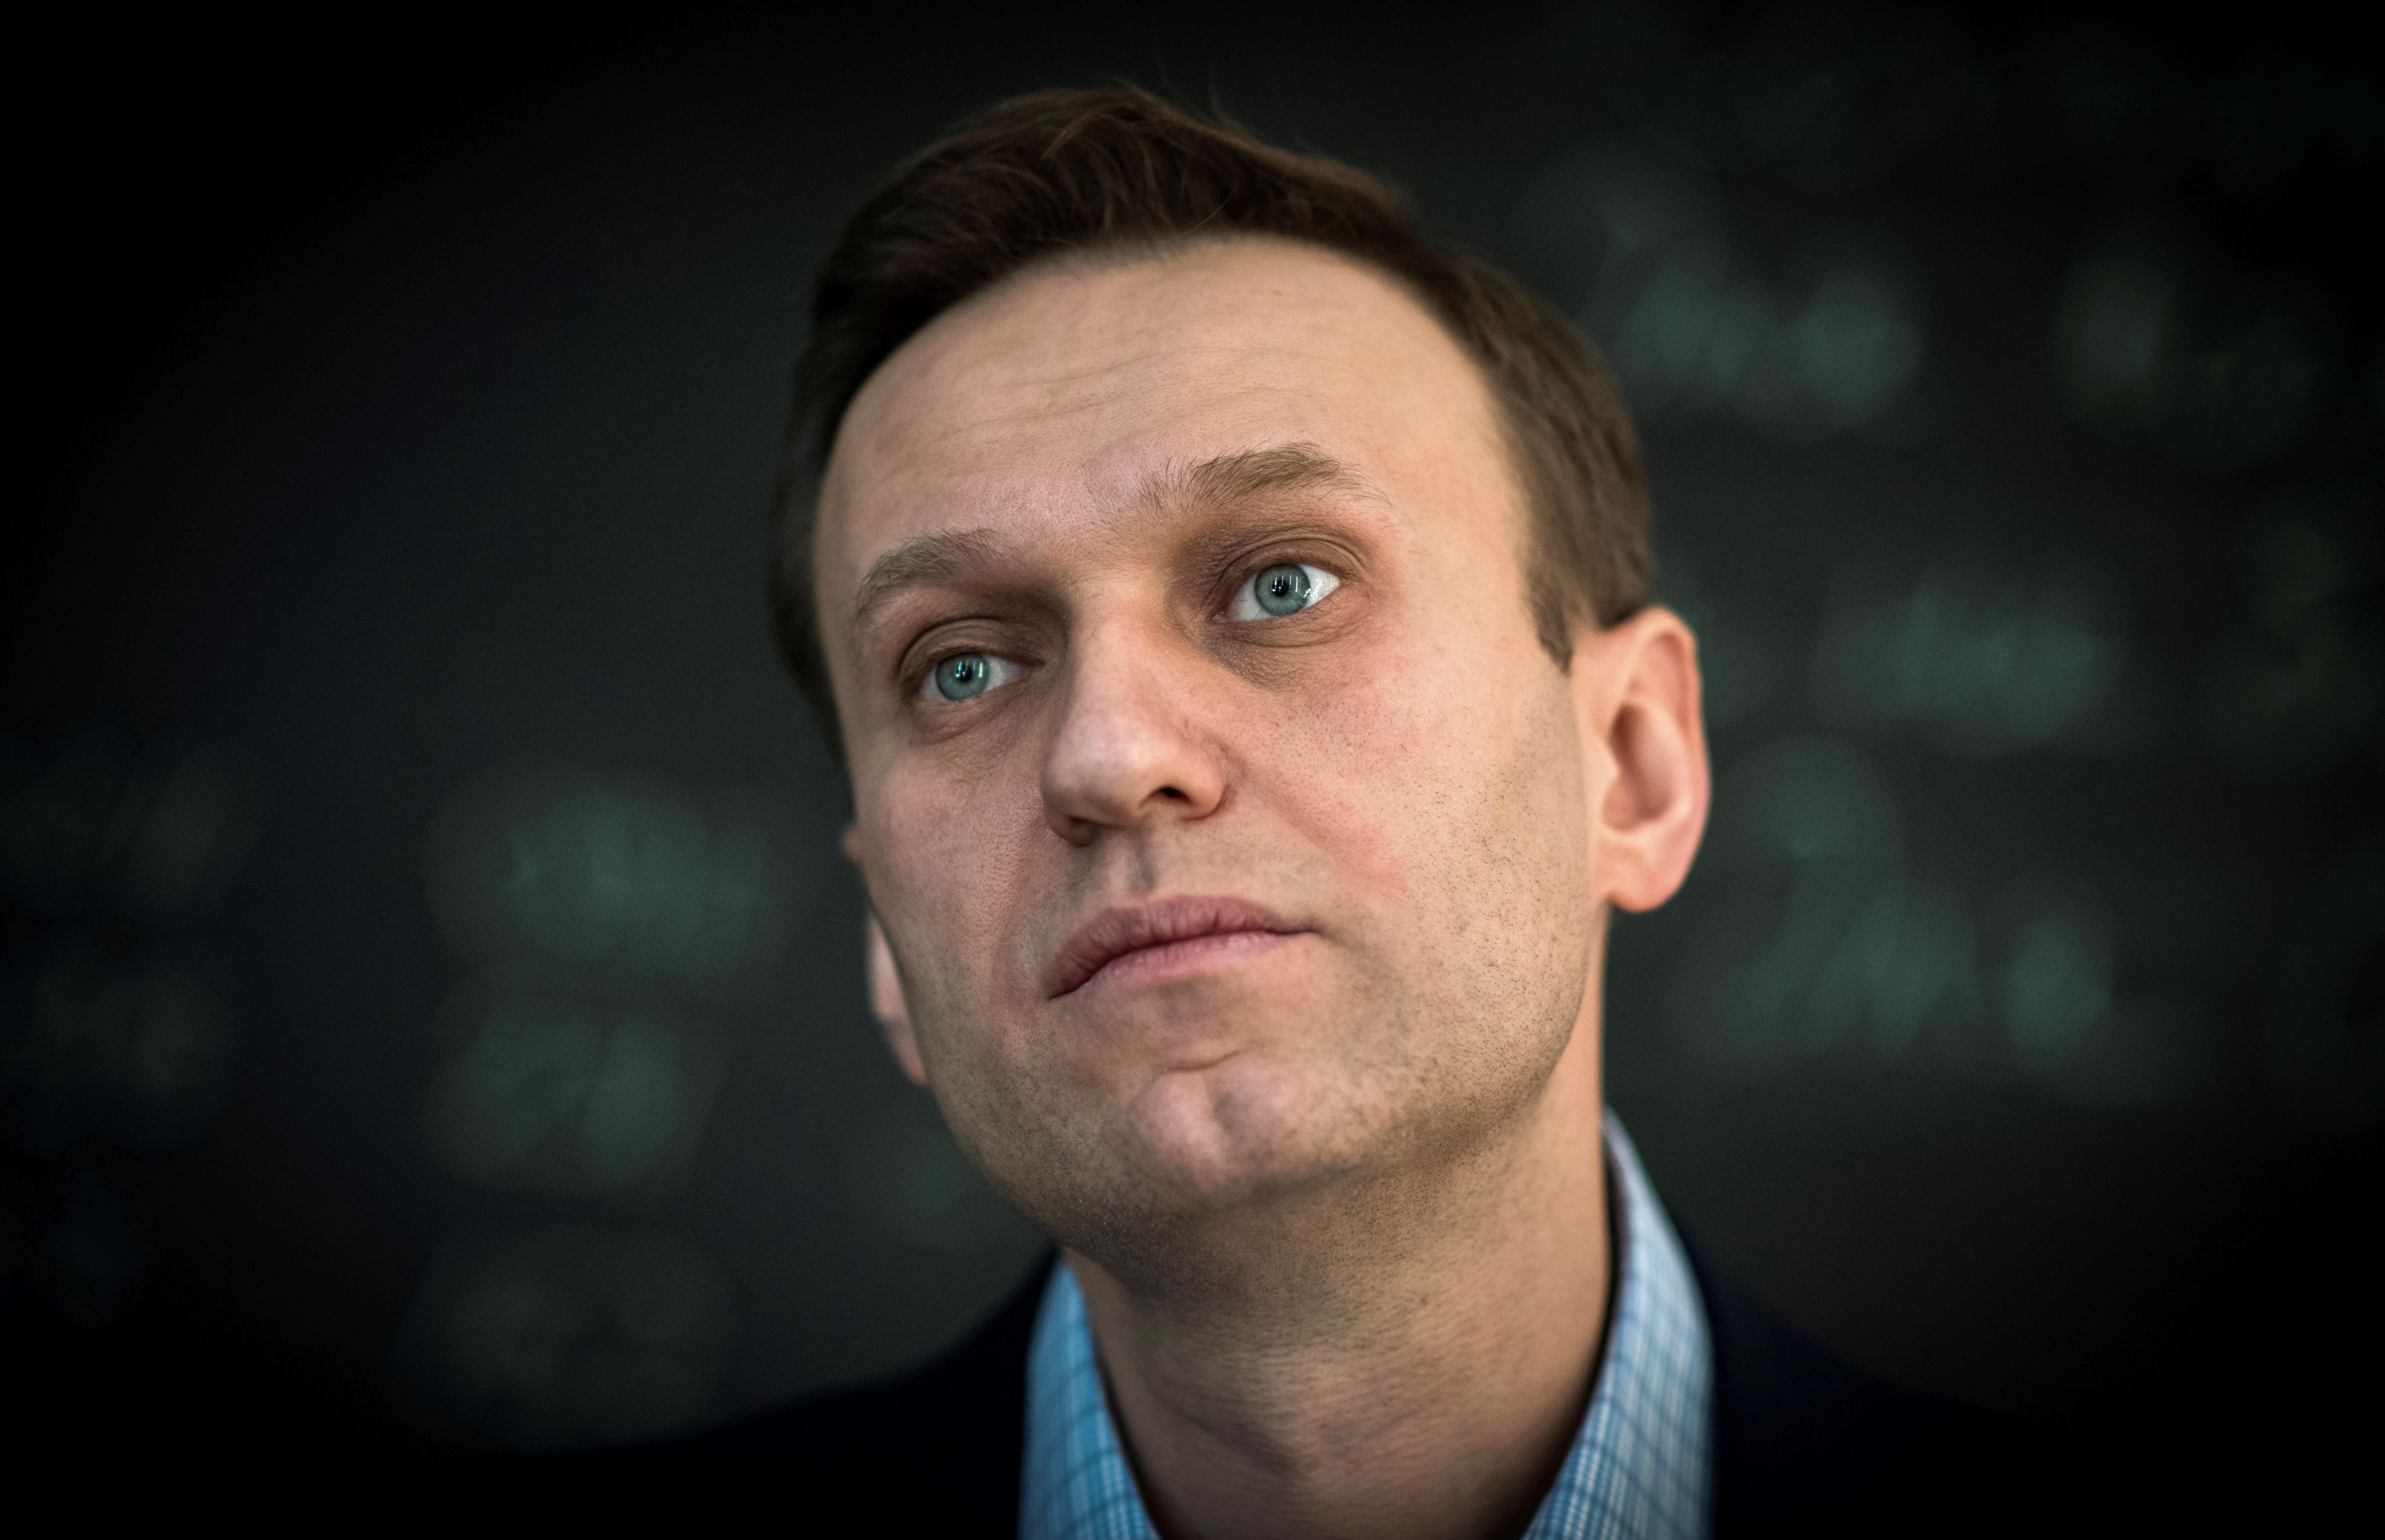 Felébresztették Alekszej Navalnijt a mesterséges kómából